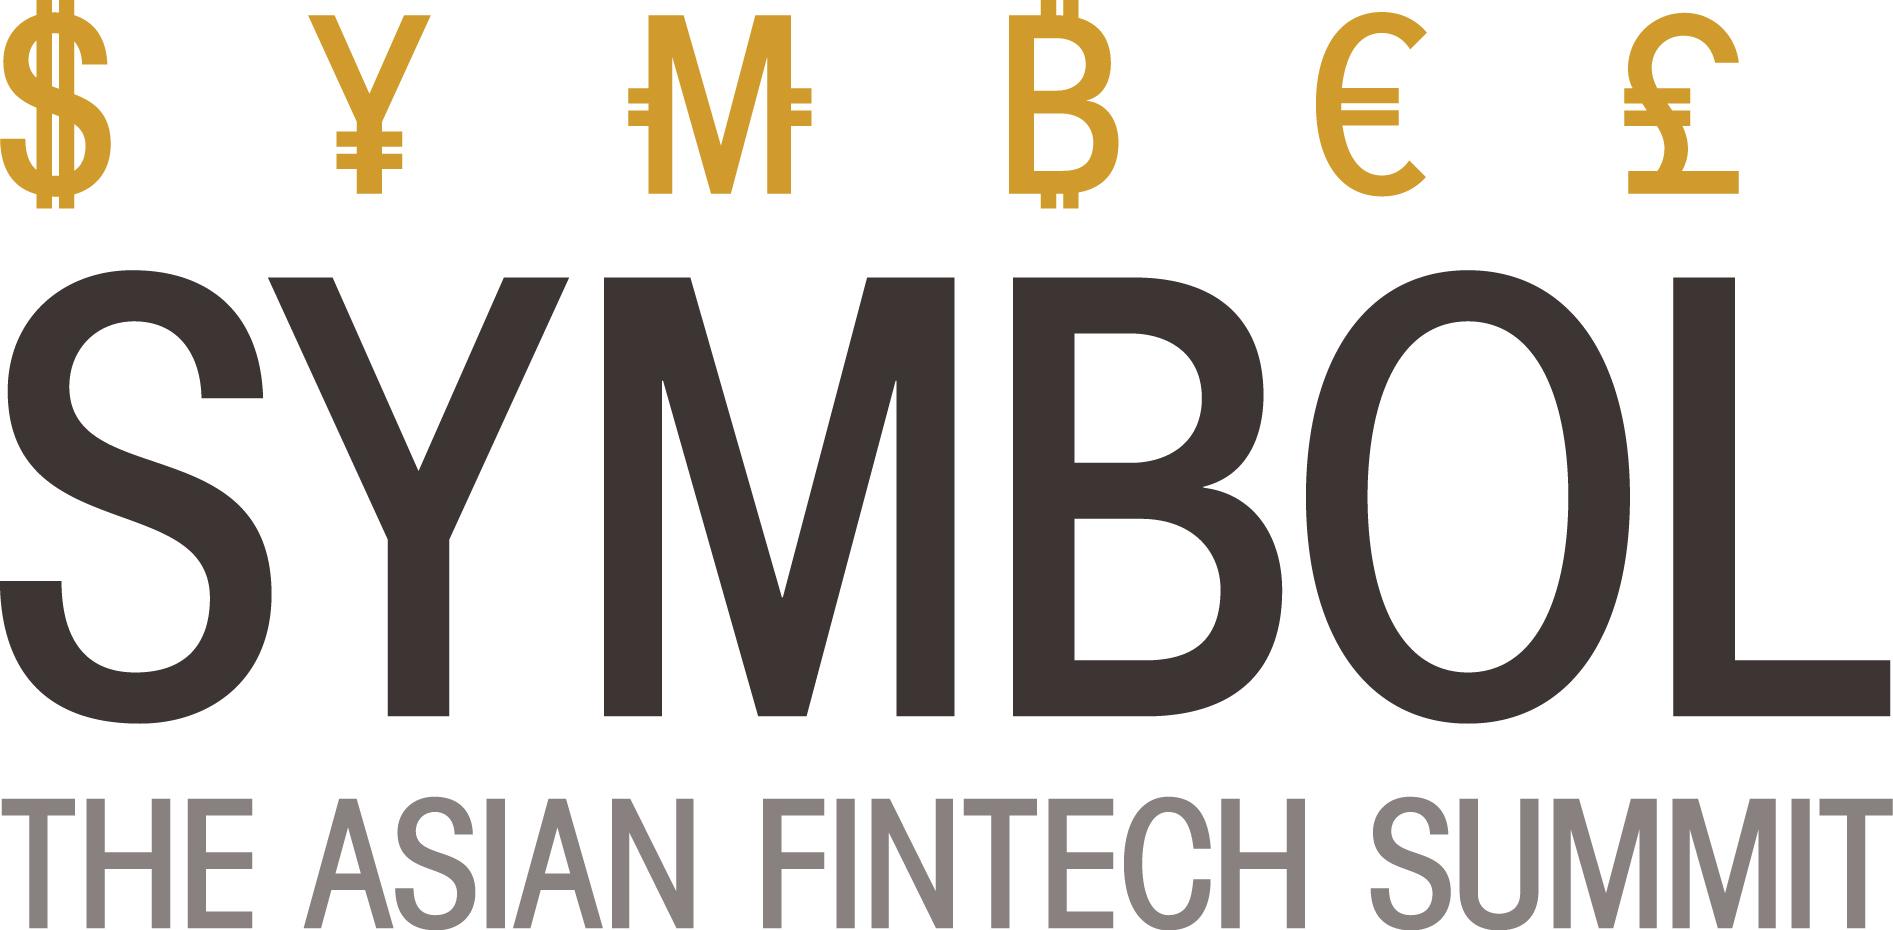 SYMBOL-THE-ASIAN-FINTECH-SUMMIT-Logo-2016-Final.jpg